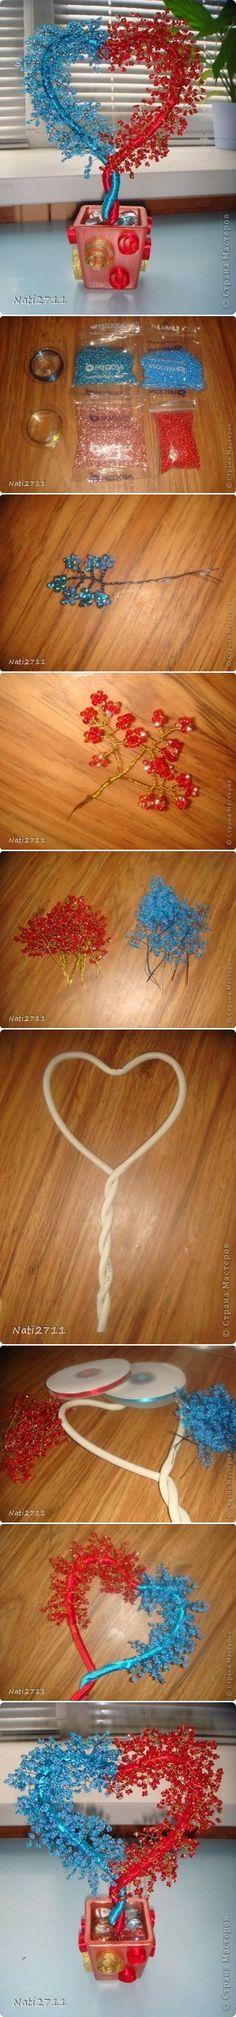 DIY Tree of Love DIY Tree of Love